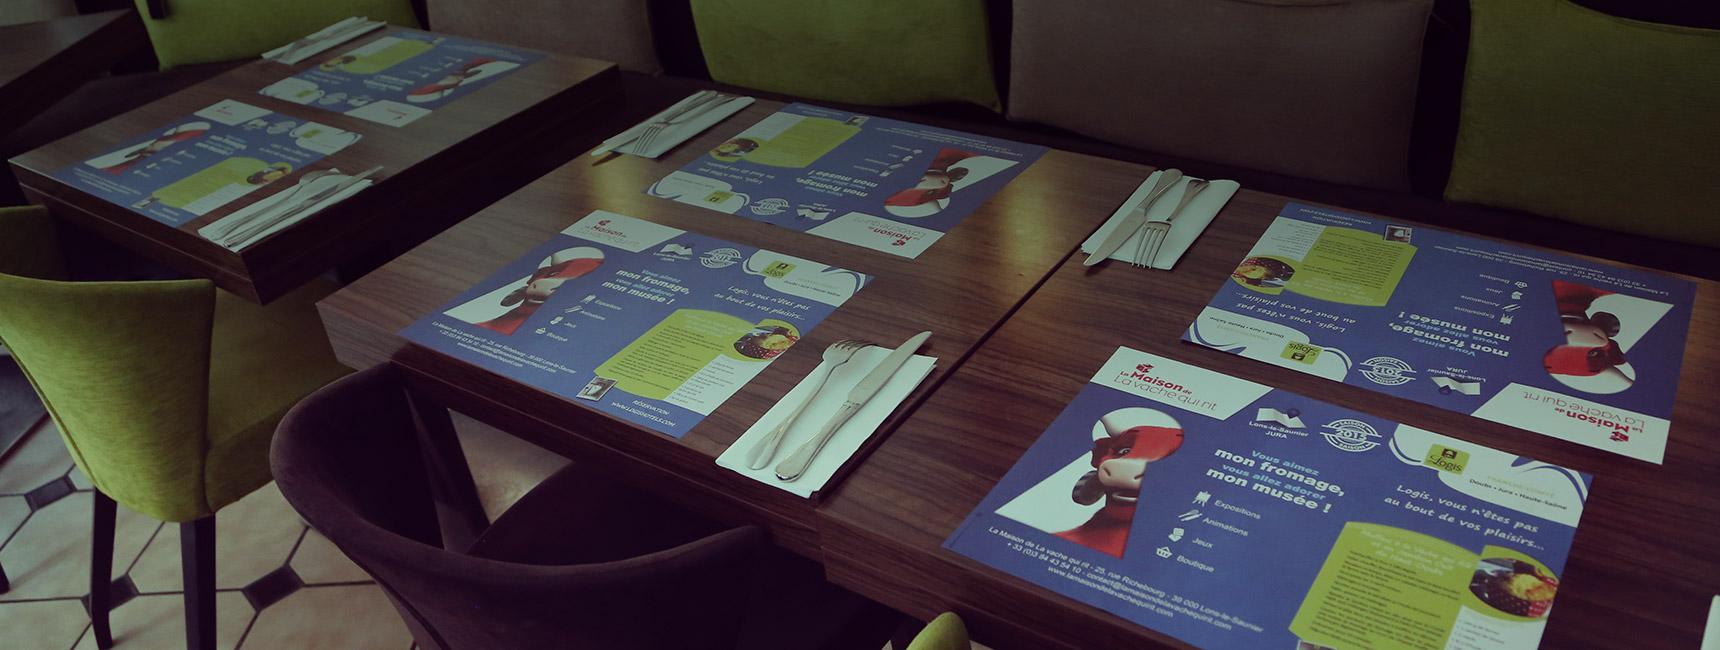 Set de table publicitaire, support tactique - Média tactique - Keemia Tours Agence marketing local en région Centre Normandie